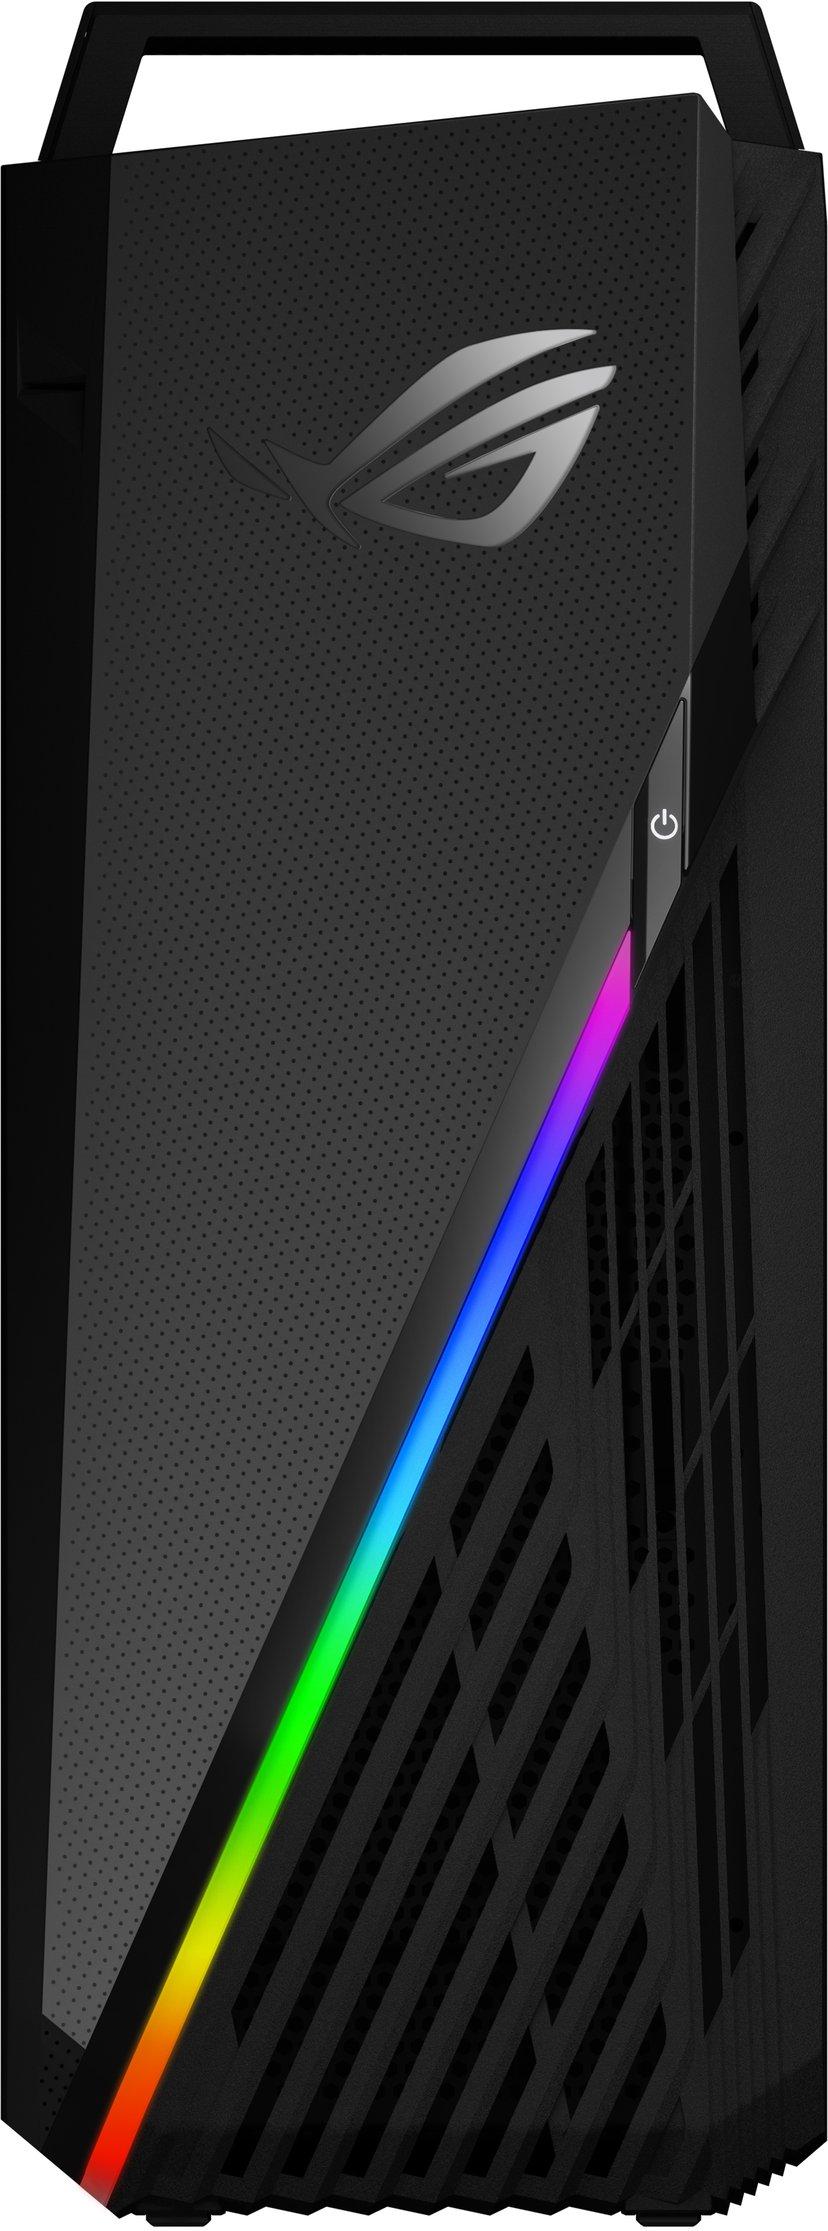 ASUS ROG Strix G15 Core i7 16GB 1000GB SSD RTX 3070